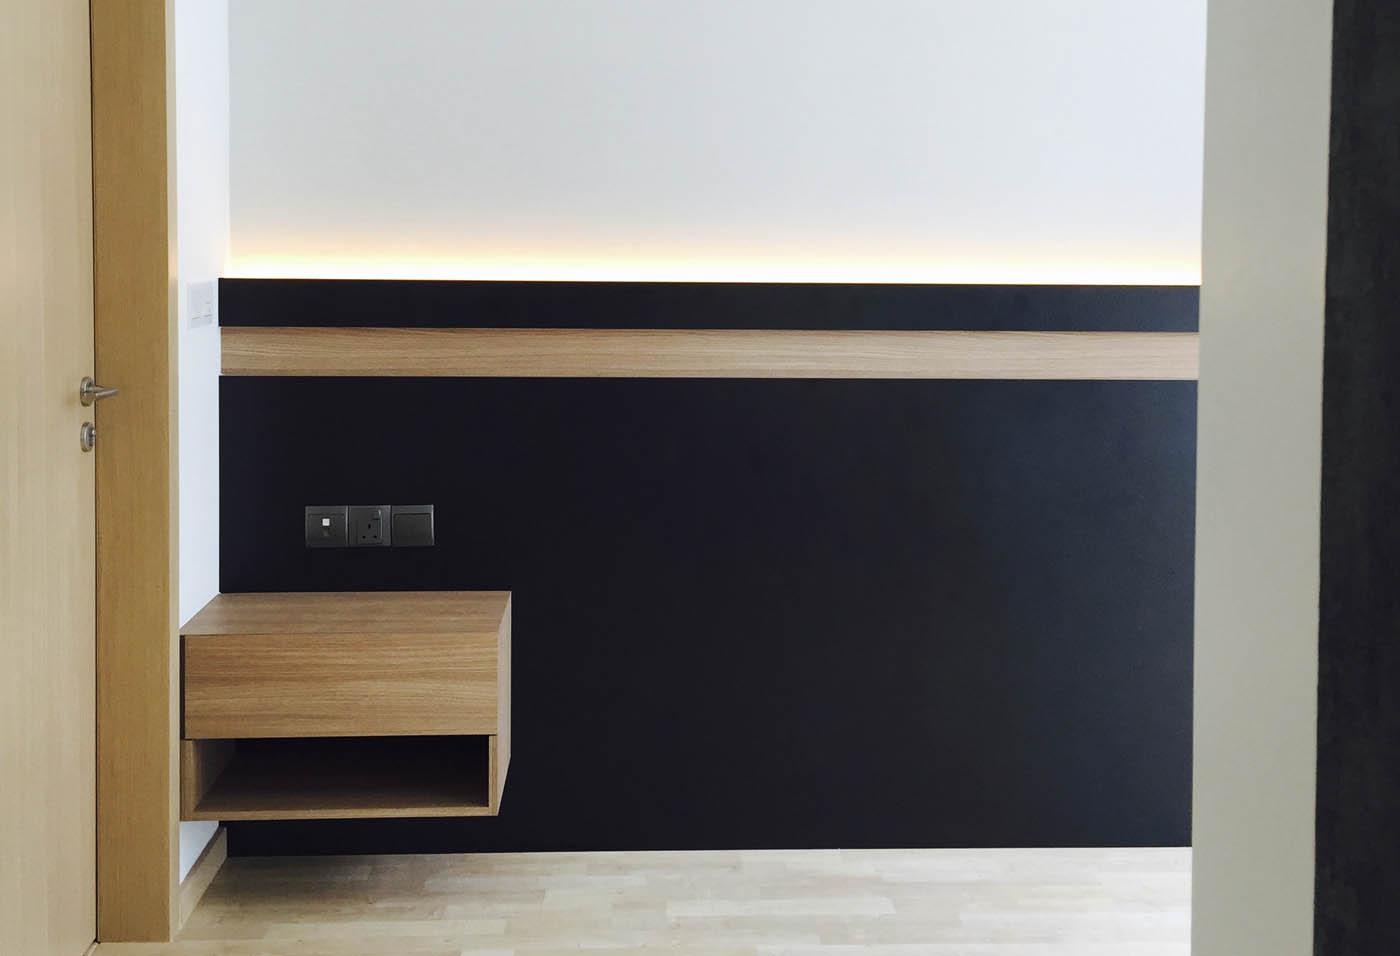 Hospitality Interior Design Company Singapore